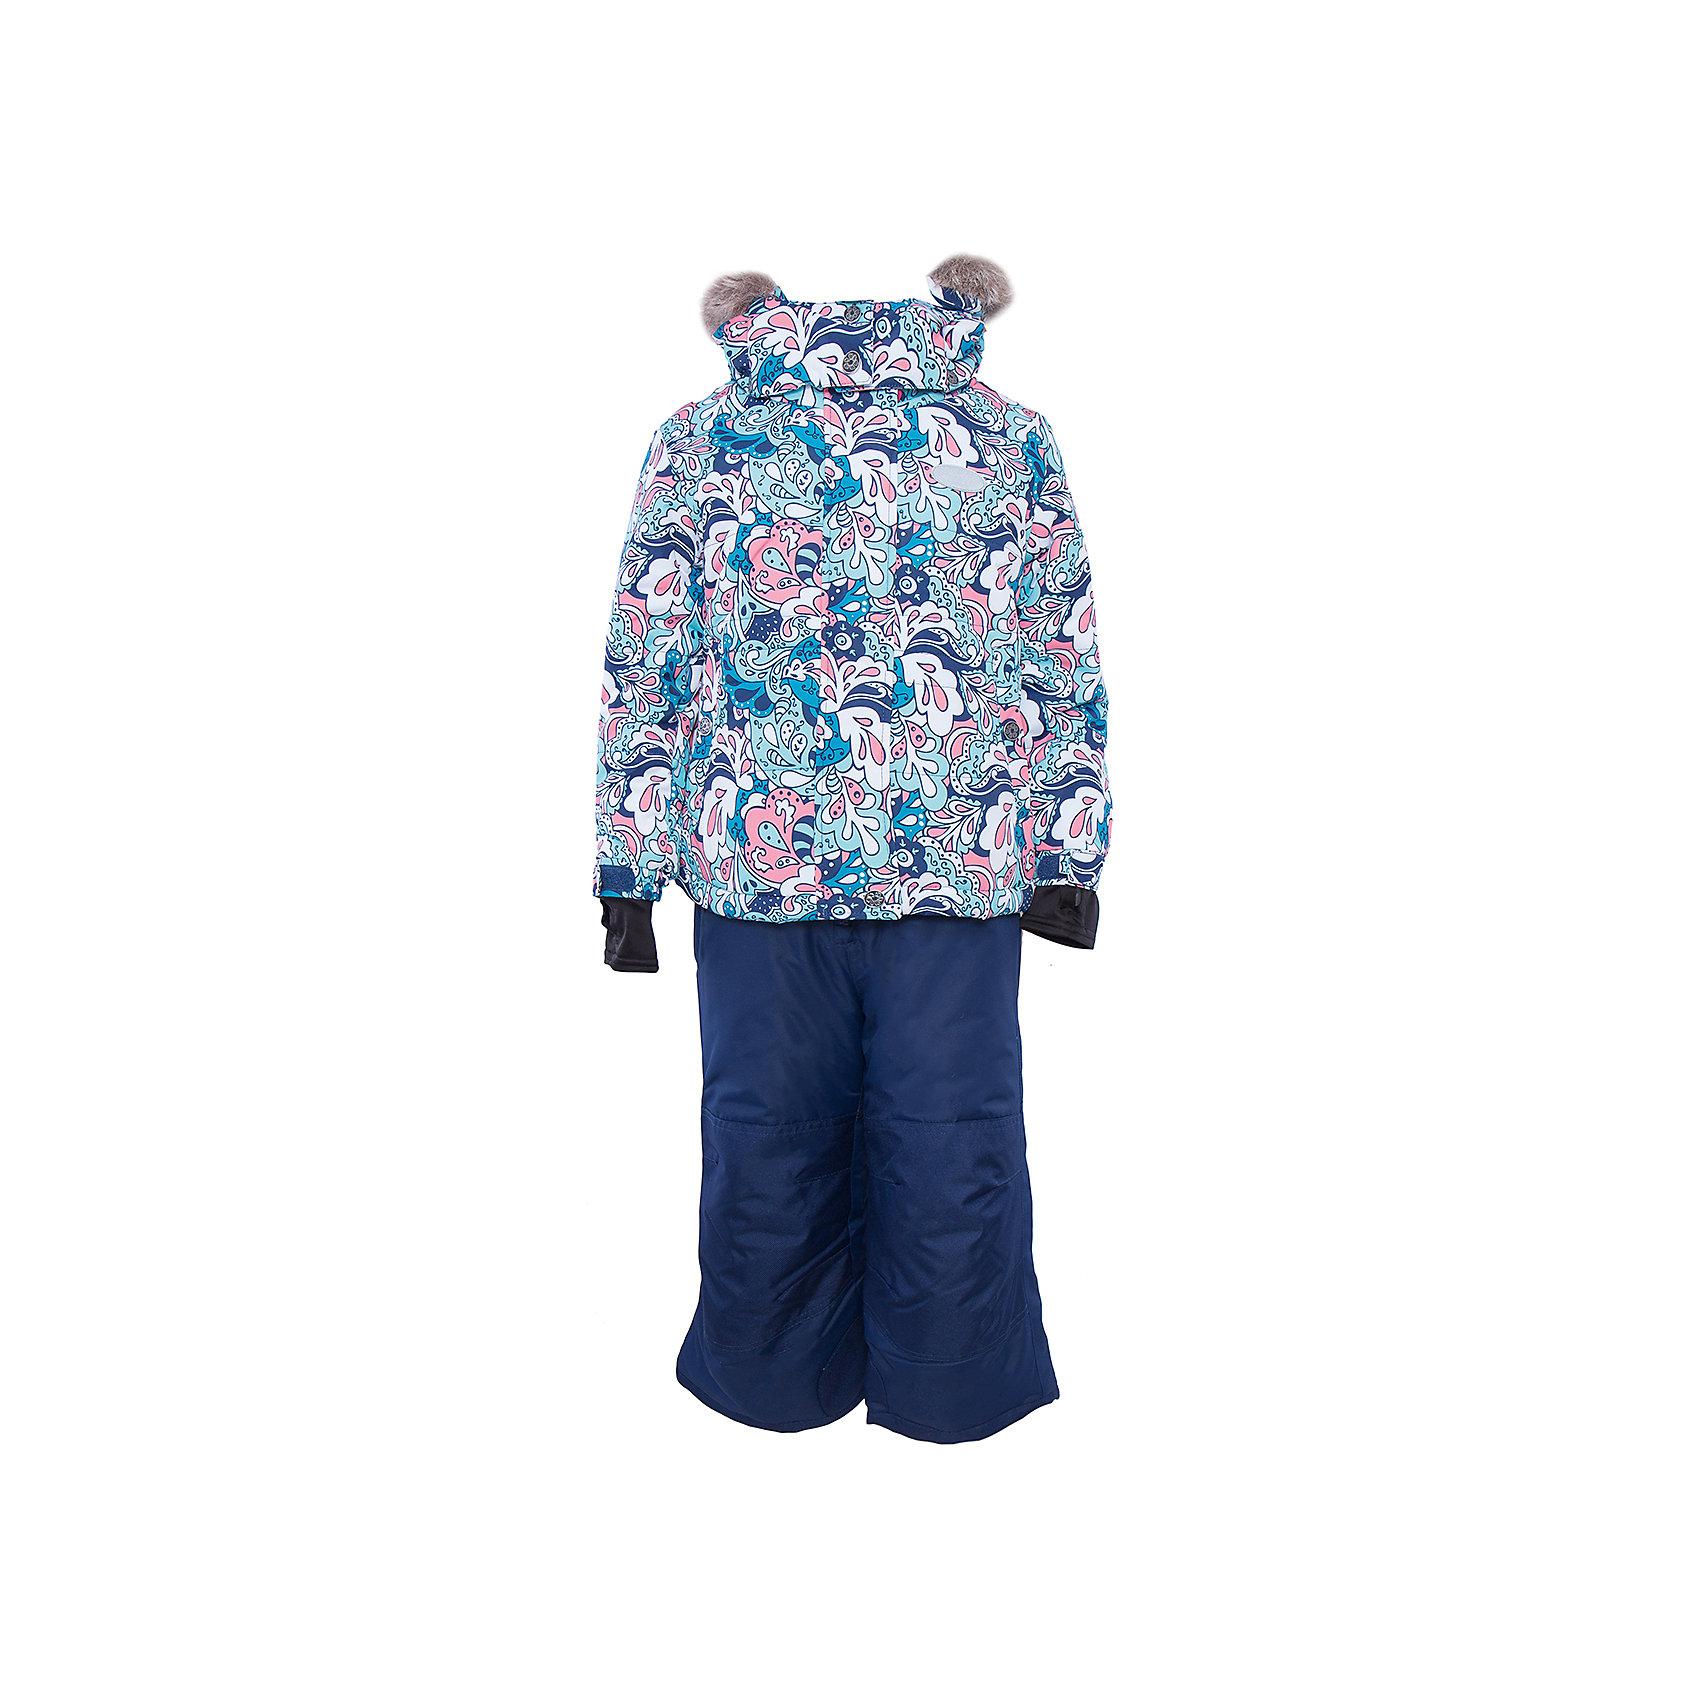 Комплект: куртка и брюки для девочки PremontВерхняя одежда<br>Комплект: куртка и брюки для девочки от известного бренда Premont.<br>Один из самых популярных восточных орнаментов основан на базовом элементе в форме капли или «огурца» - носит название «Пейсли». Название это онполучил благодаря одноименному Шотландскому городку, где и сосредоточилось основное производство тканей. «Пейсли» ежегодно вдохновляет дизайнеров всего мира на создание новых орнаментов, и команда Premont – не исключение.<br>Состав:<br>Ткань верха: мембрана 5000мм/5000г/м2/24h, Taslan<br>Подклад: Polarfleece (тело, капюшон, манжеты), Taffeta (брюки, рукава, снежная юбка) Утеплитель: Tech-polyfill (куртка 280г, брюки 180г)<br><br>Ширина мм: 356<br>Глубина мм: 10<br>Высота мм: 245<br>Вес г: 519<br>Цвет: синий<br>Возраст от месяцев: 18<br>Возраст до месяцев: 24<br>Пол: Женский<br>Возраст: Детский<br>Размер: 92,164,98,100,104,110,116,120,122,128,140,152<br>SKU: 4996773